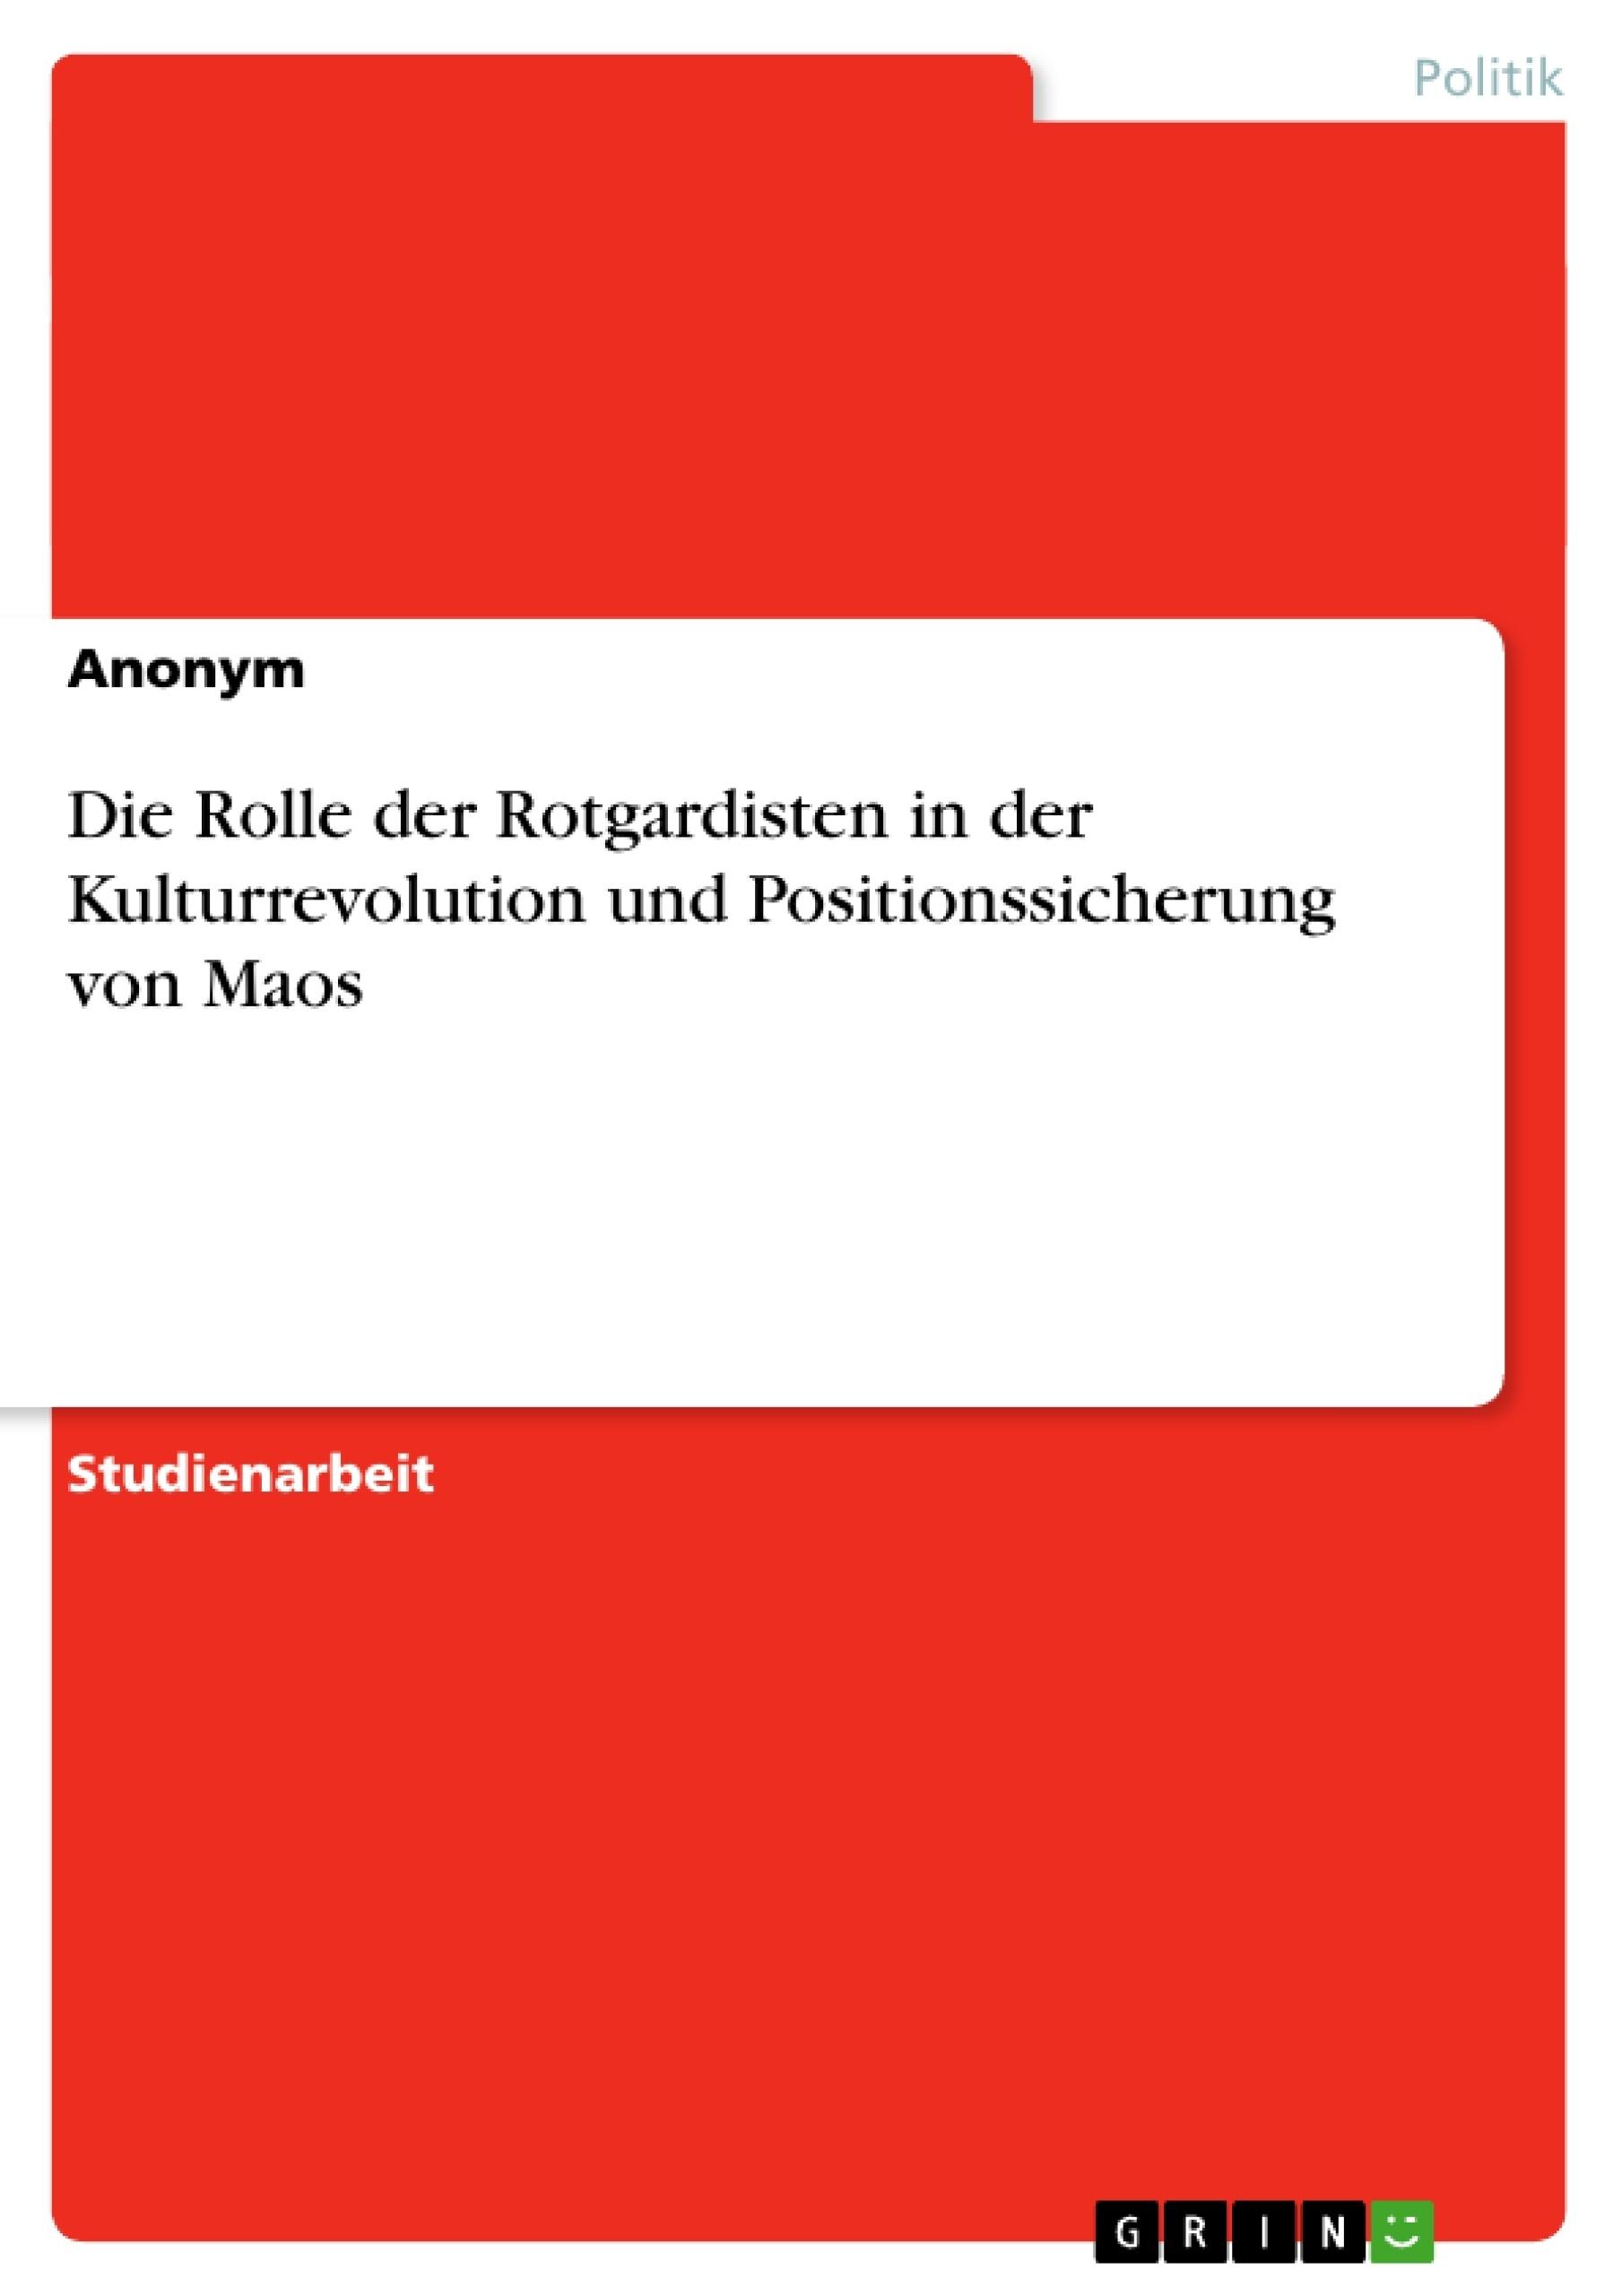 Titel: Die Rolle der Rotgardisten in der Kulturrevolution und Positionssicherung von Maos